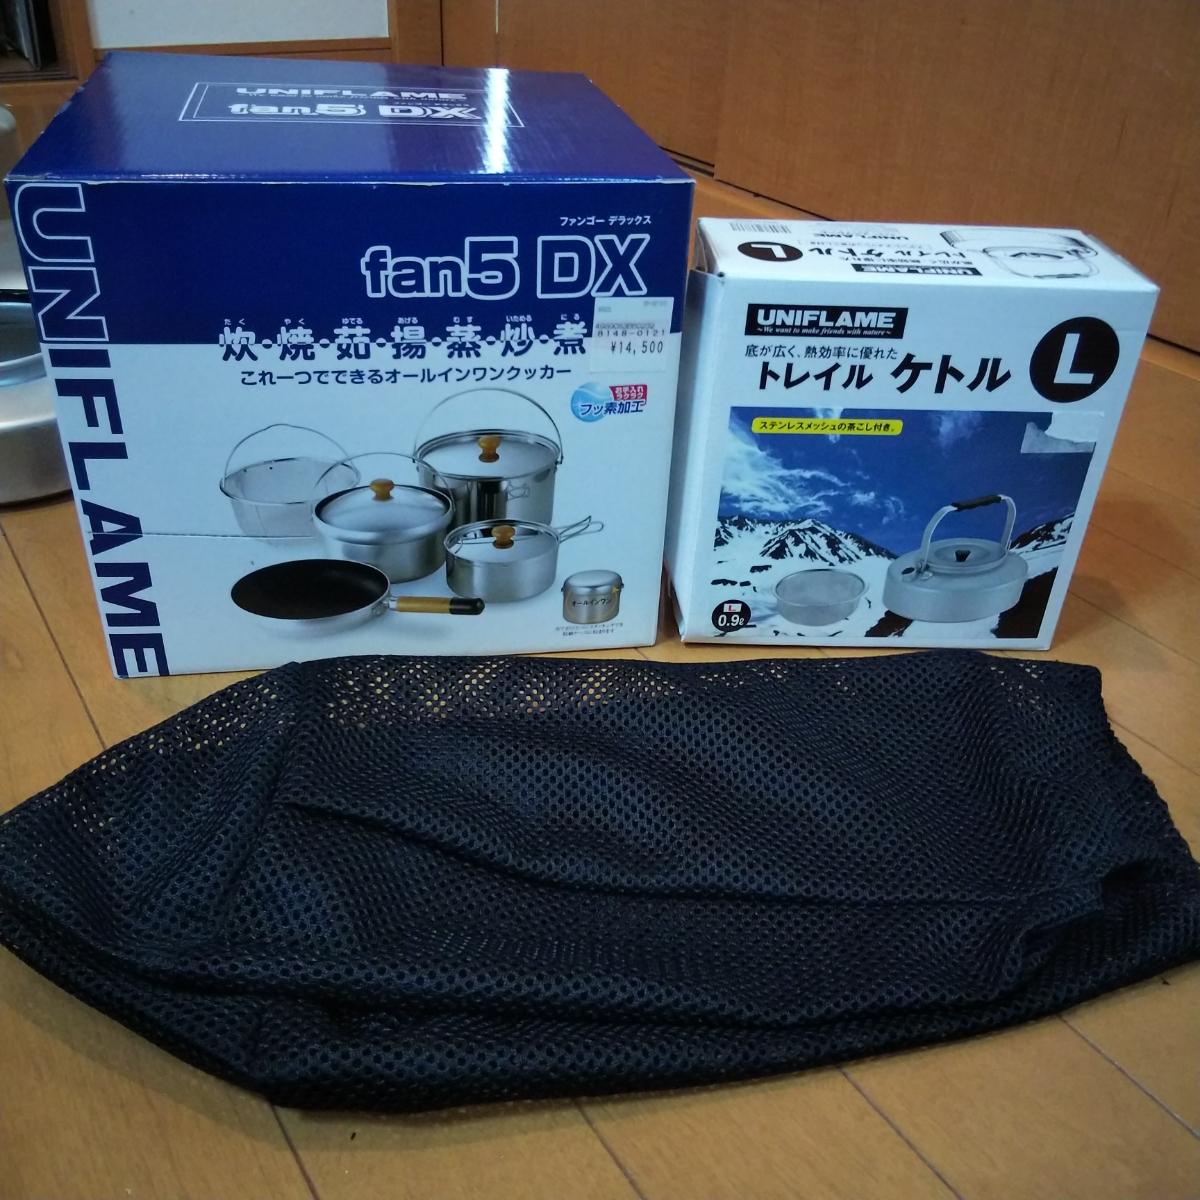 ユニフレーム fan5 トレイルケトル クッカーセット 4~5人用 UNIFLAME 中古 送料無料 _画像6